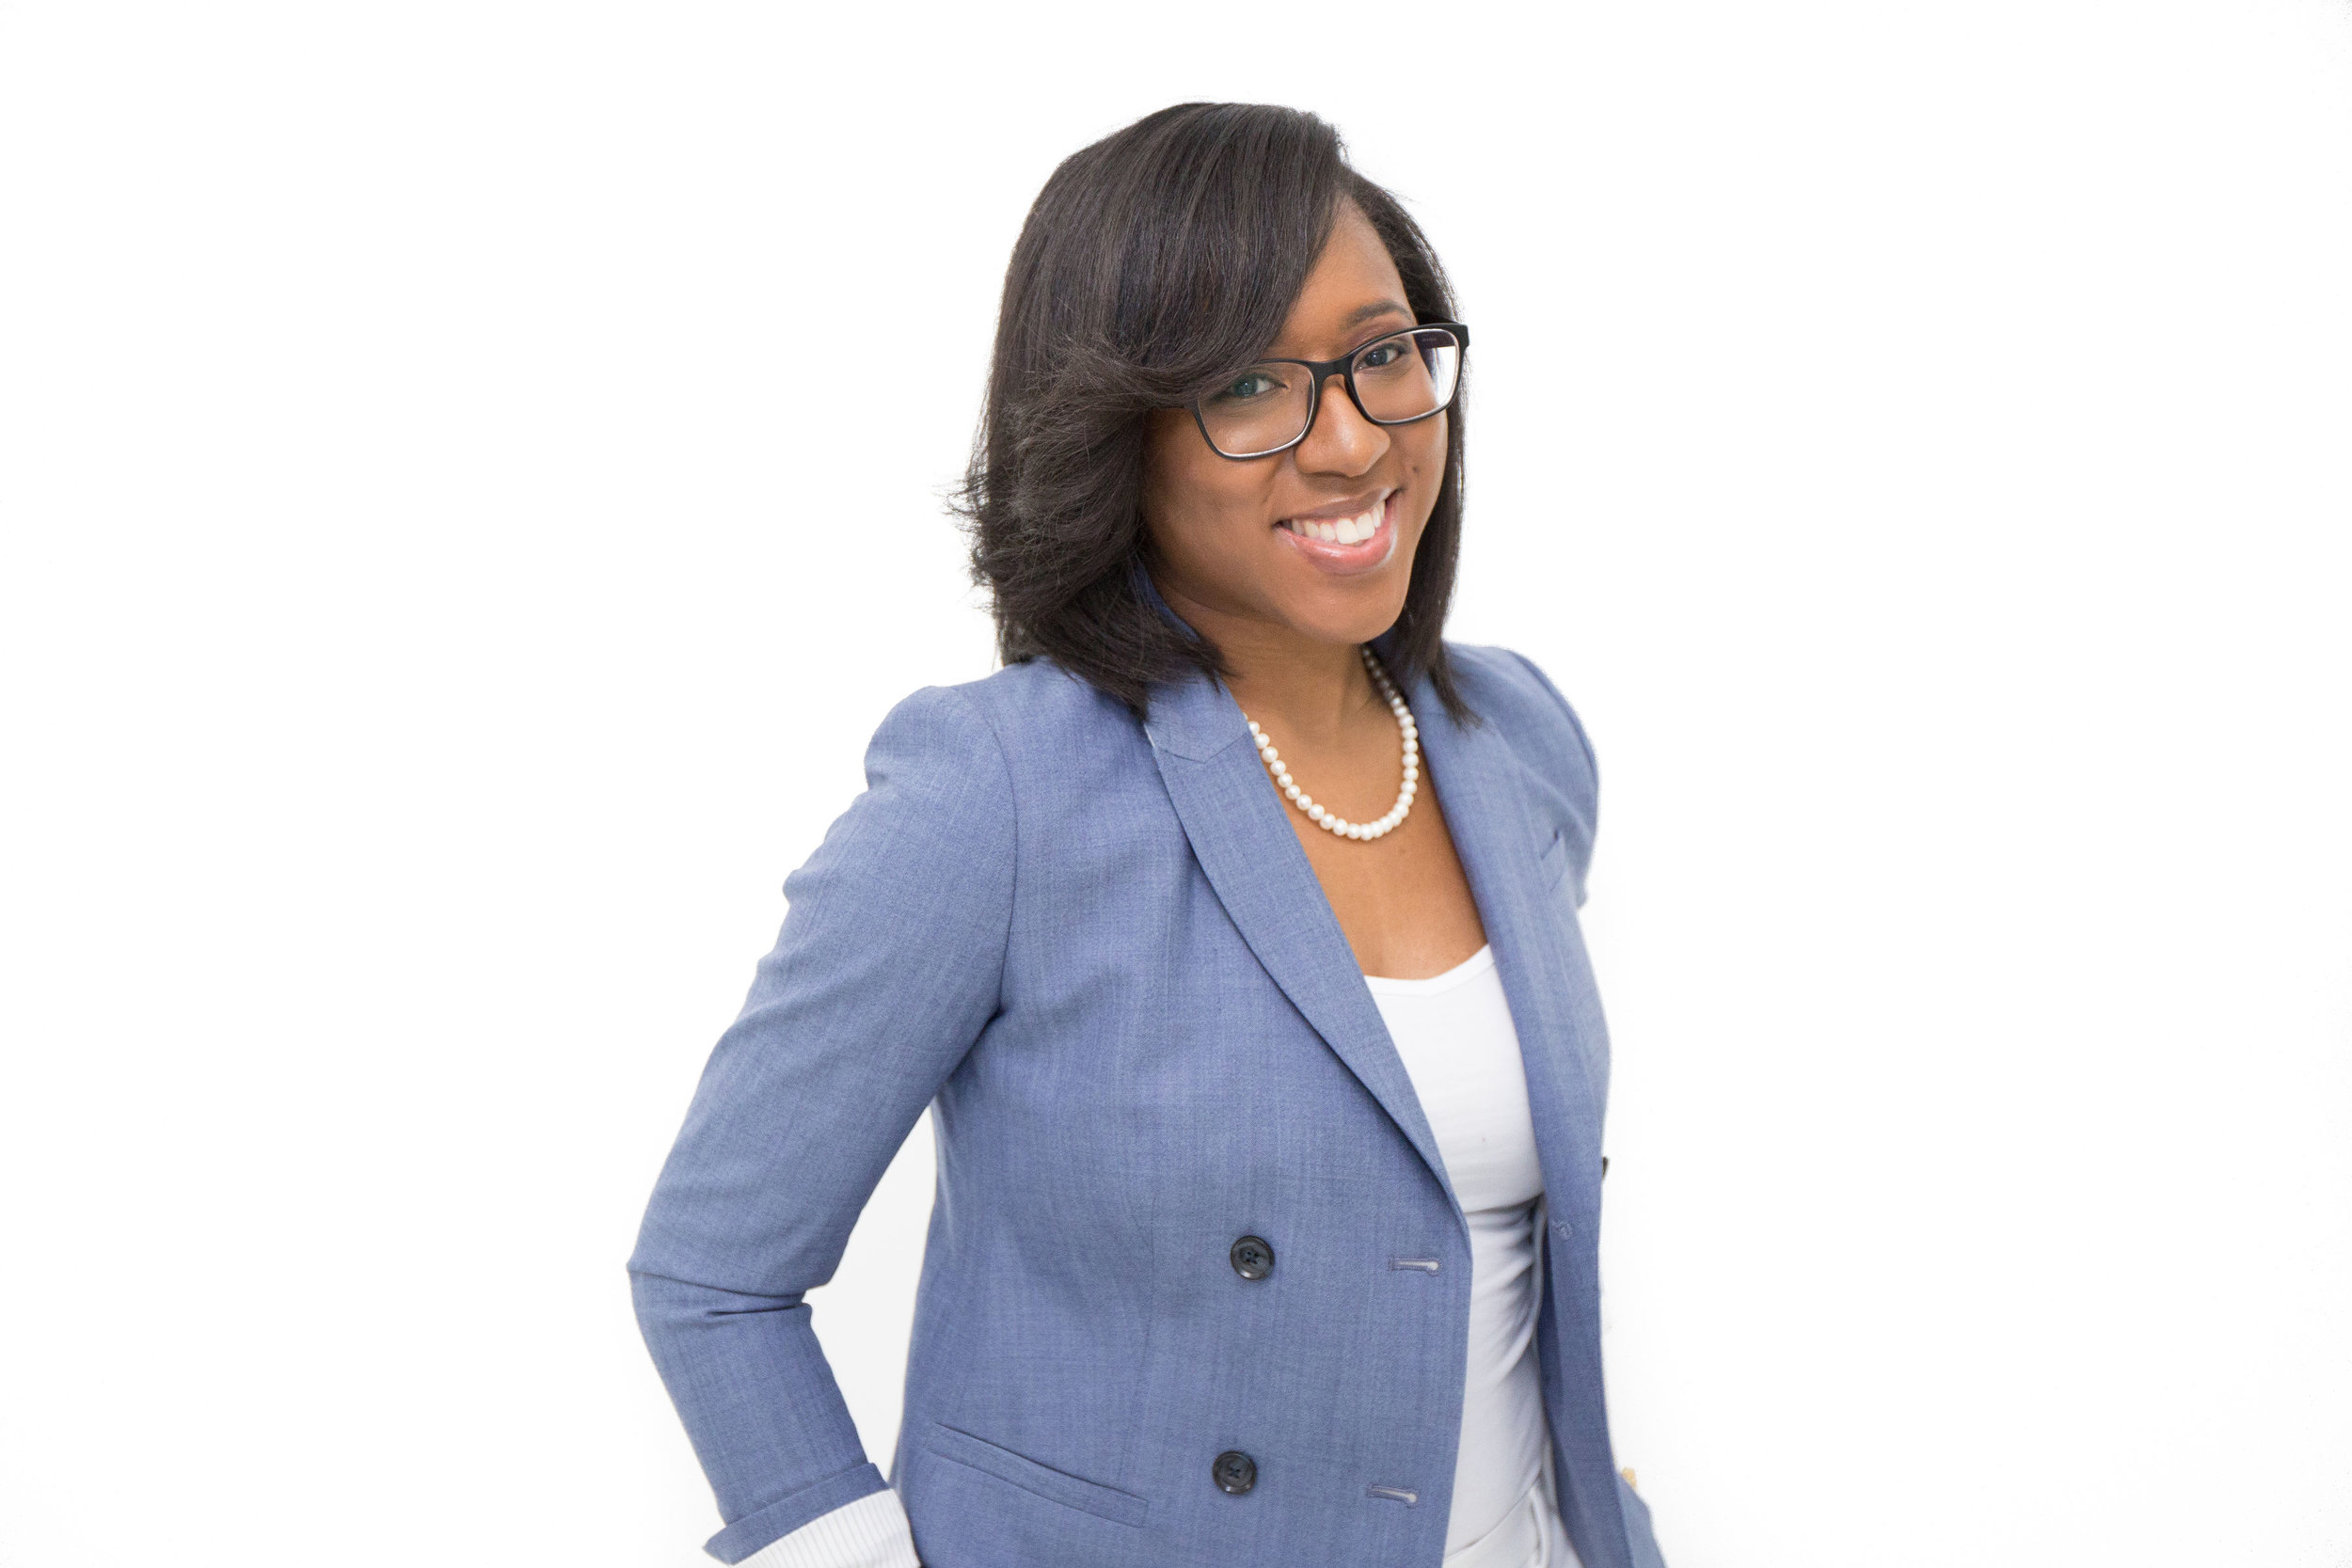 Ashley R. Brewster, Founder & CEO